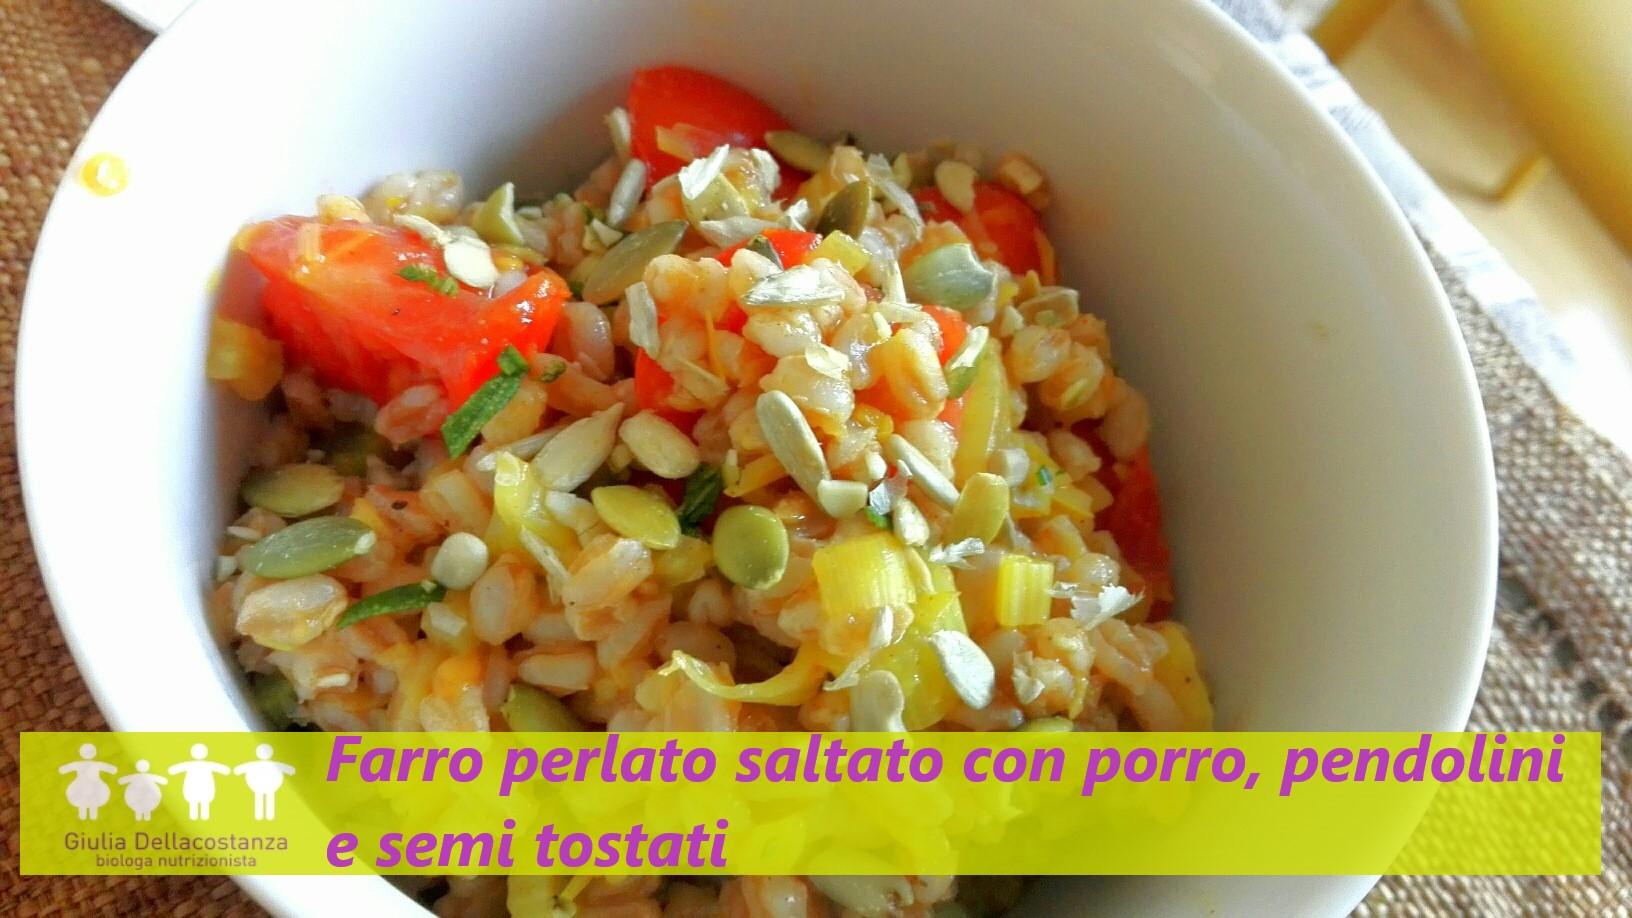 ricetta con farro perlato e verdure